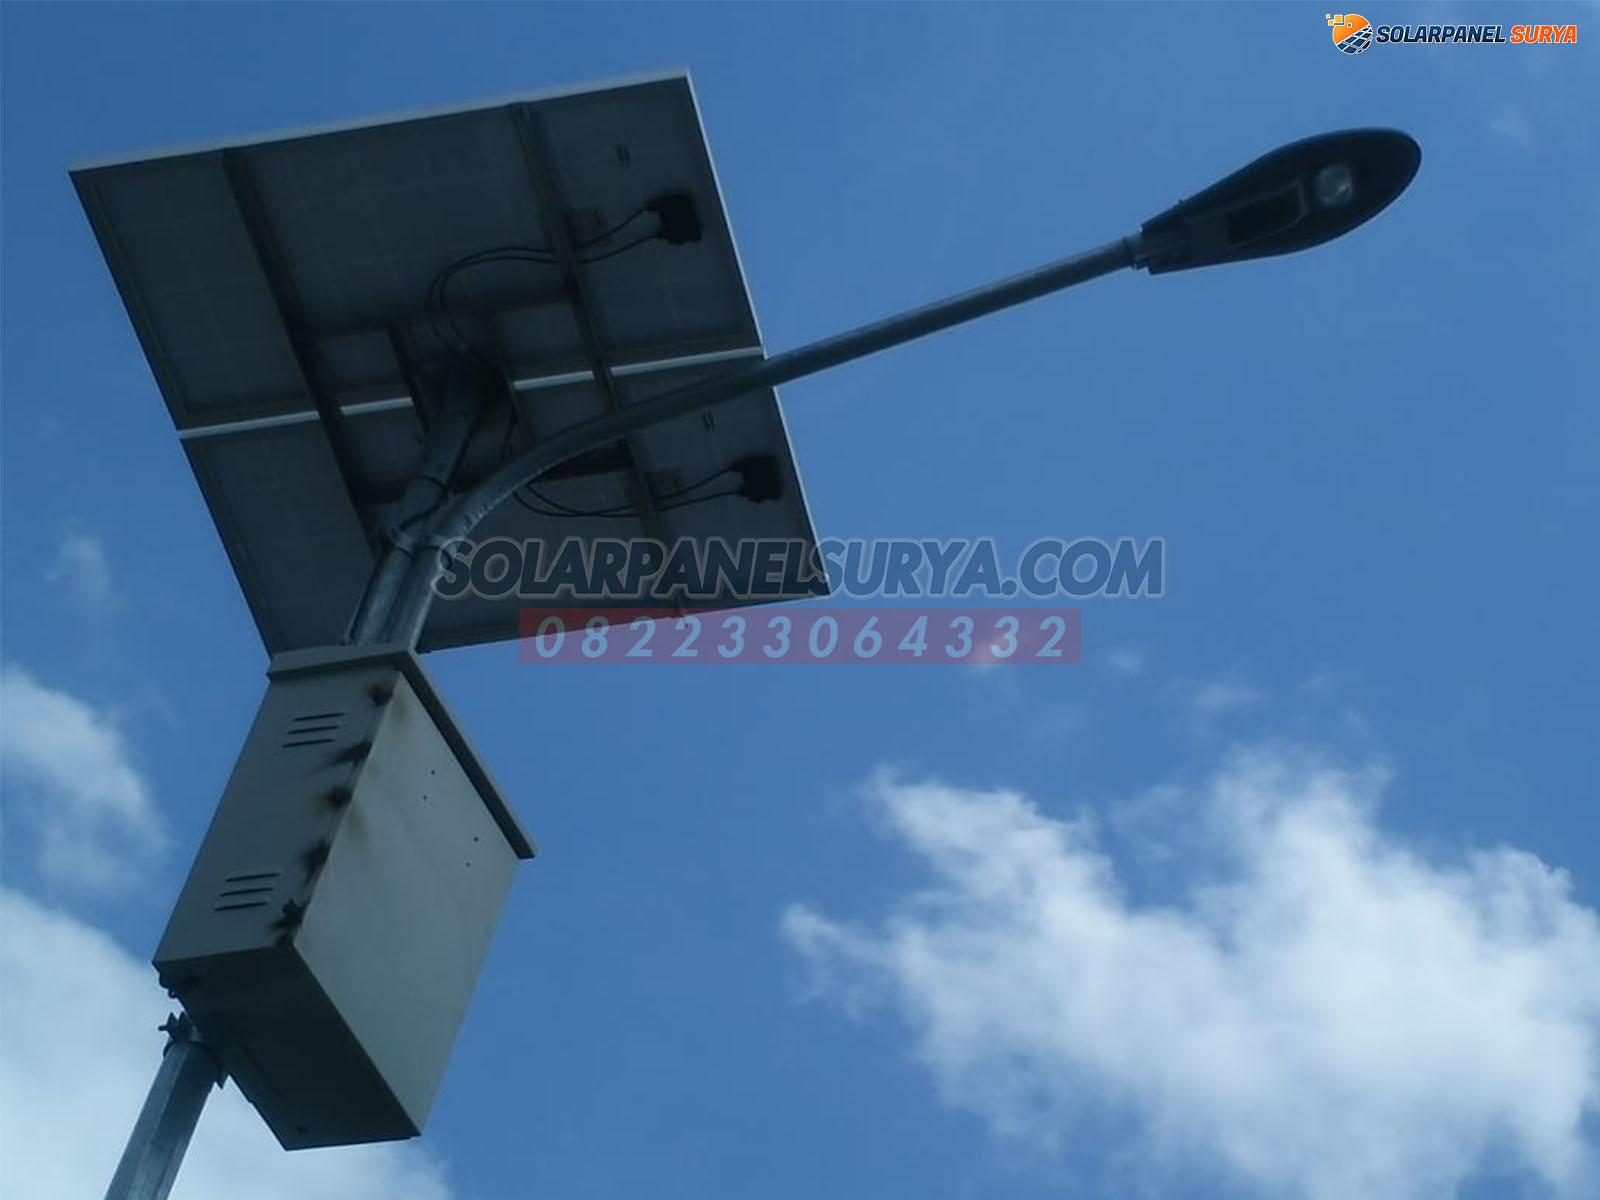 jual Paket Lampu Jalan PJU Tenaga Surya Satu Set di Ternate maluku utara